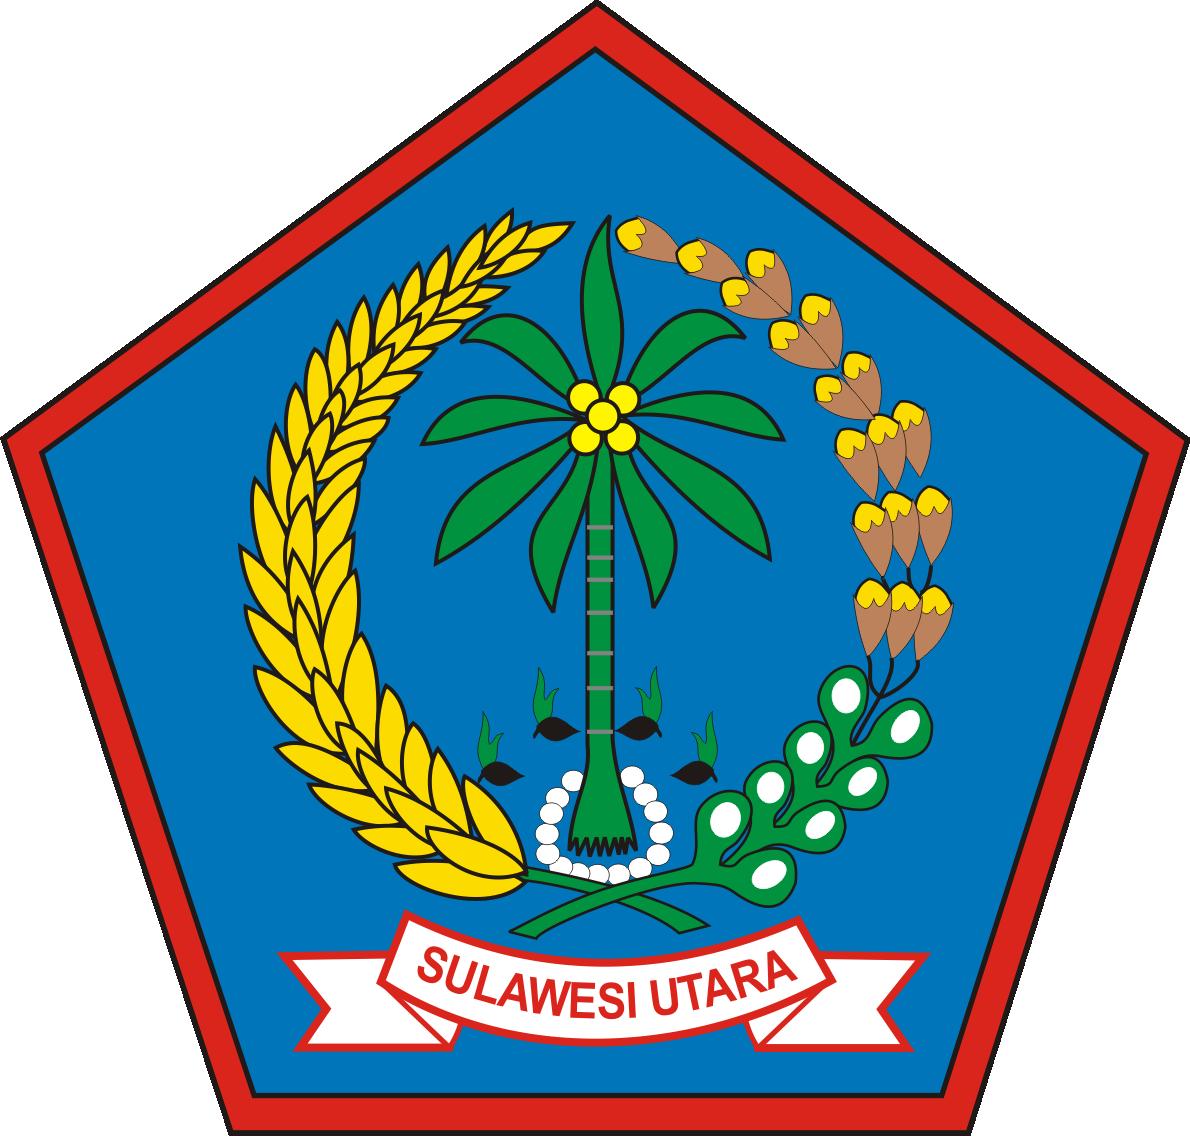 Sulawesi Utara Indonesia